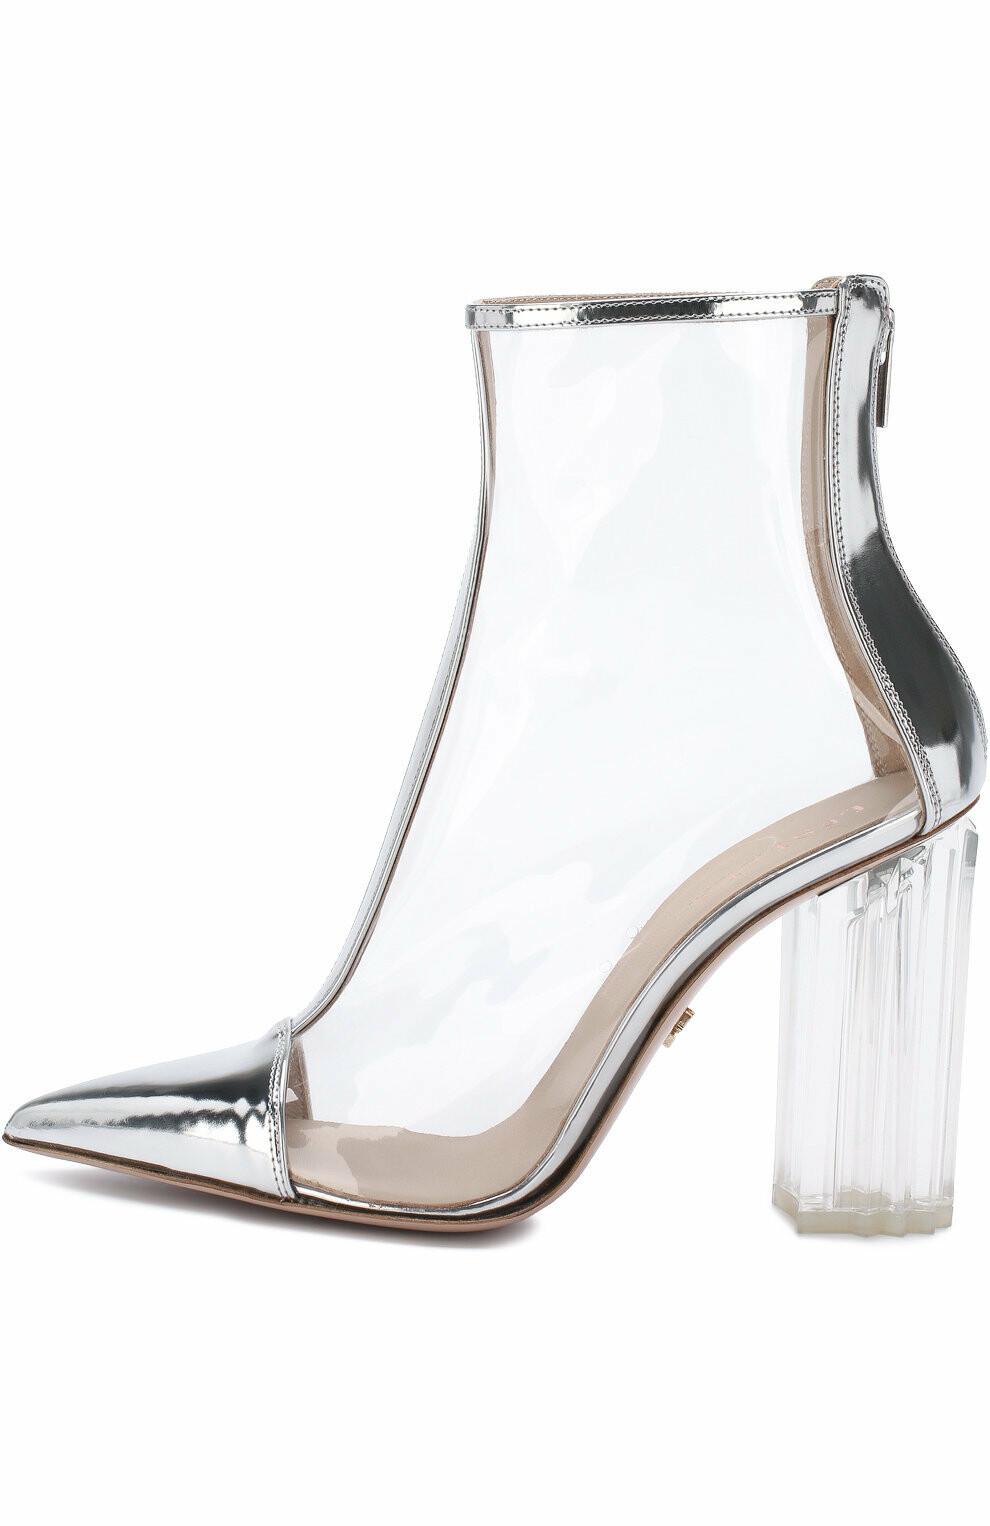 1e0d3db15 Женская обувь-2019: что будет в тренде этим летом - 057.ua